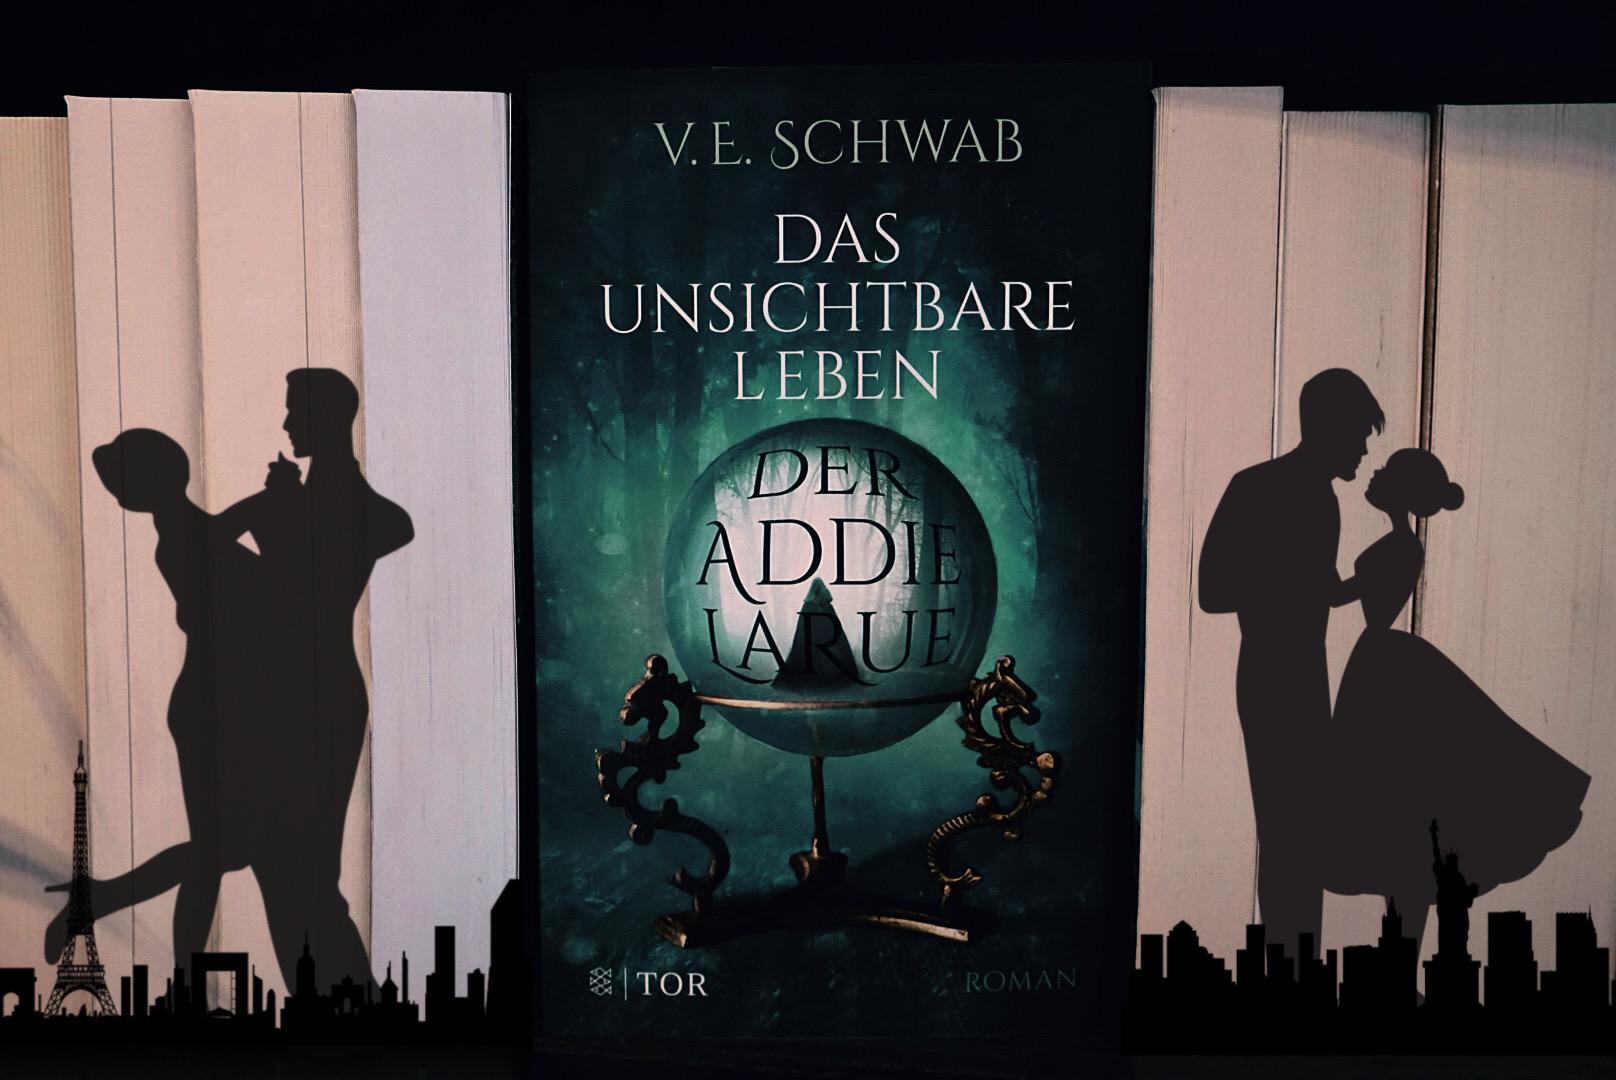 Das unsichtbare Leben der Addie LaRue – V. E. Schwab